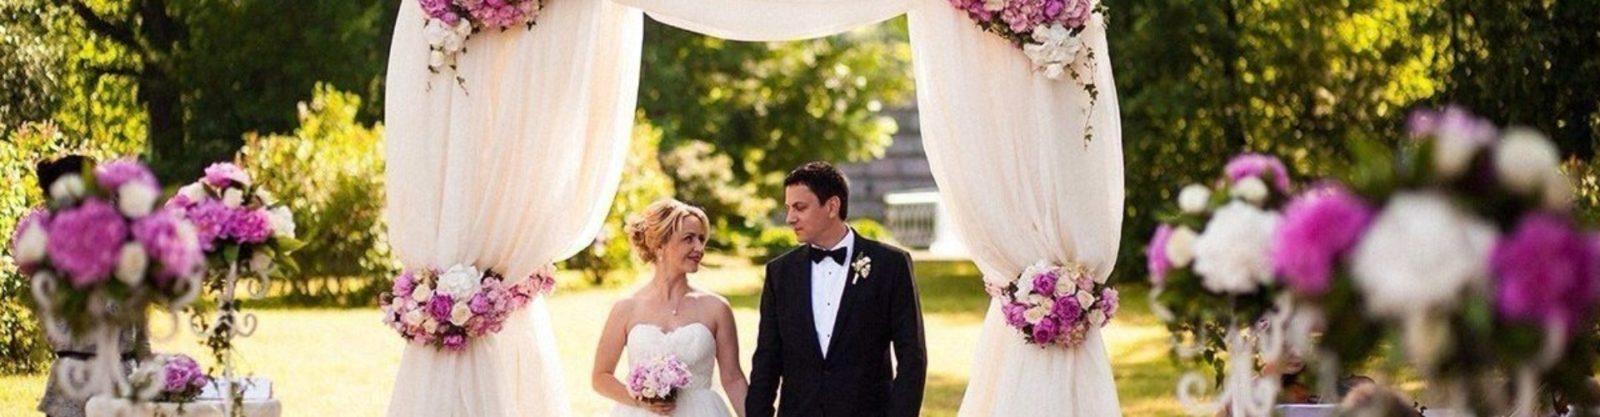 Знойная летняя свадьба: как все оформить интересно, ярко и оригинально